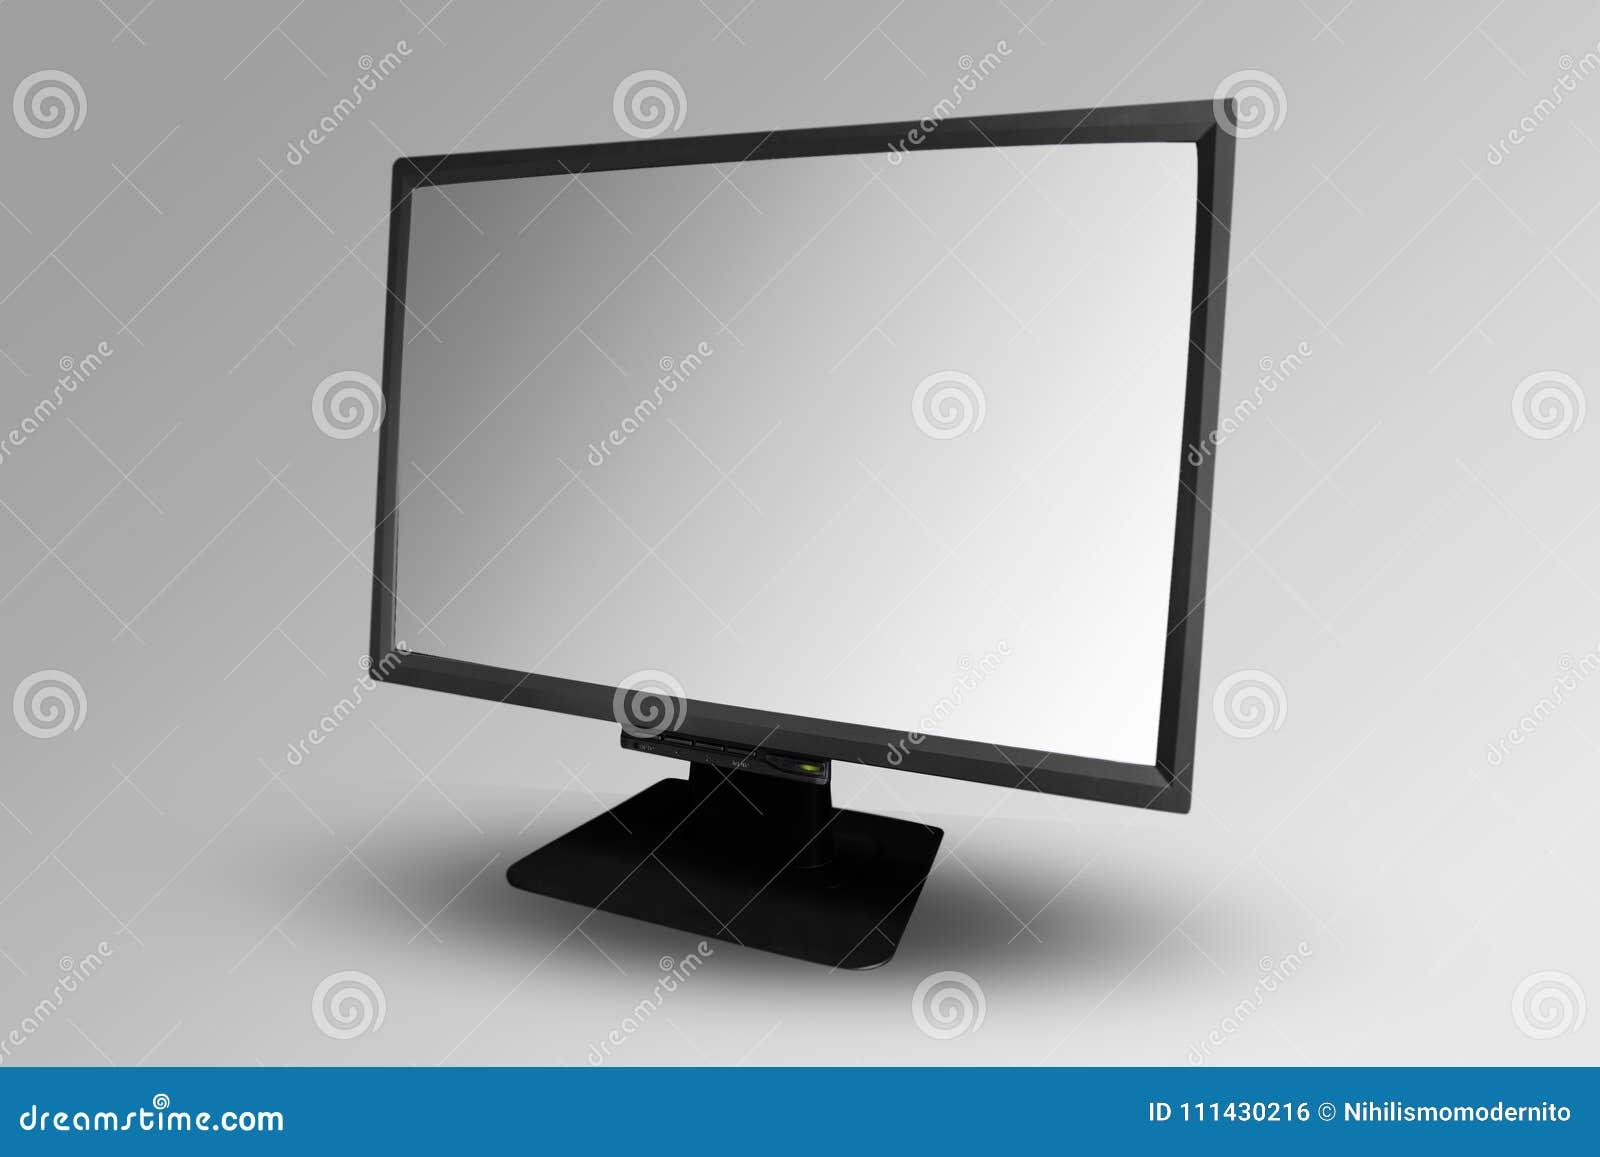 Pantalla en blanco de la maqueta de la pantalla de ordenador fácil corregir